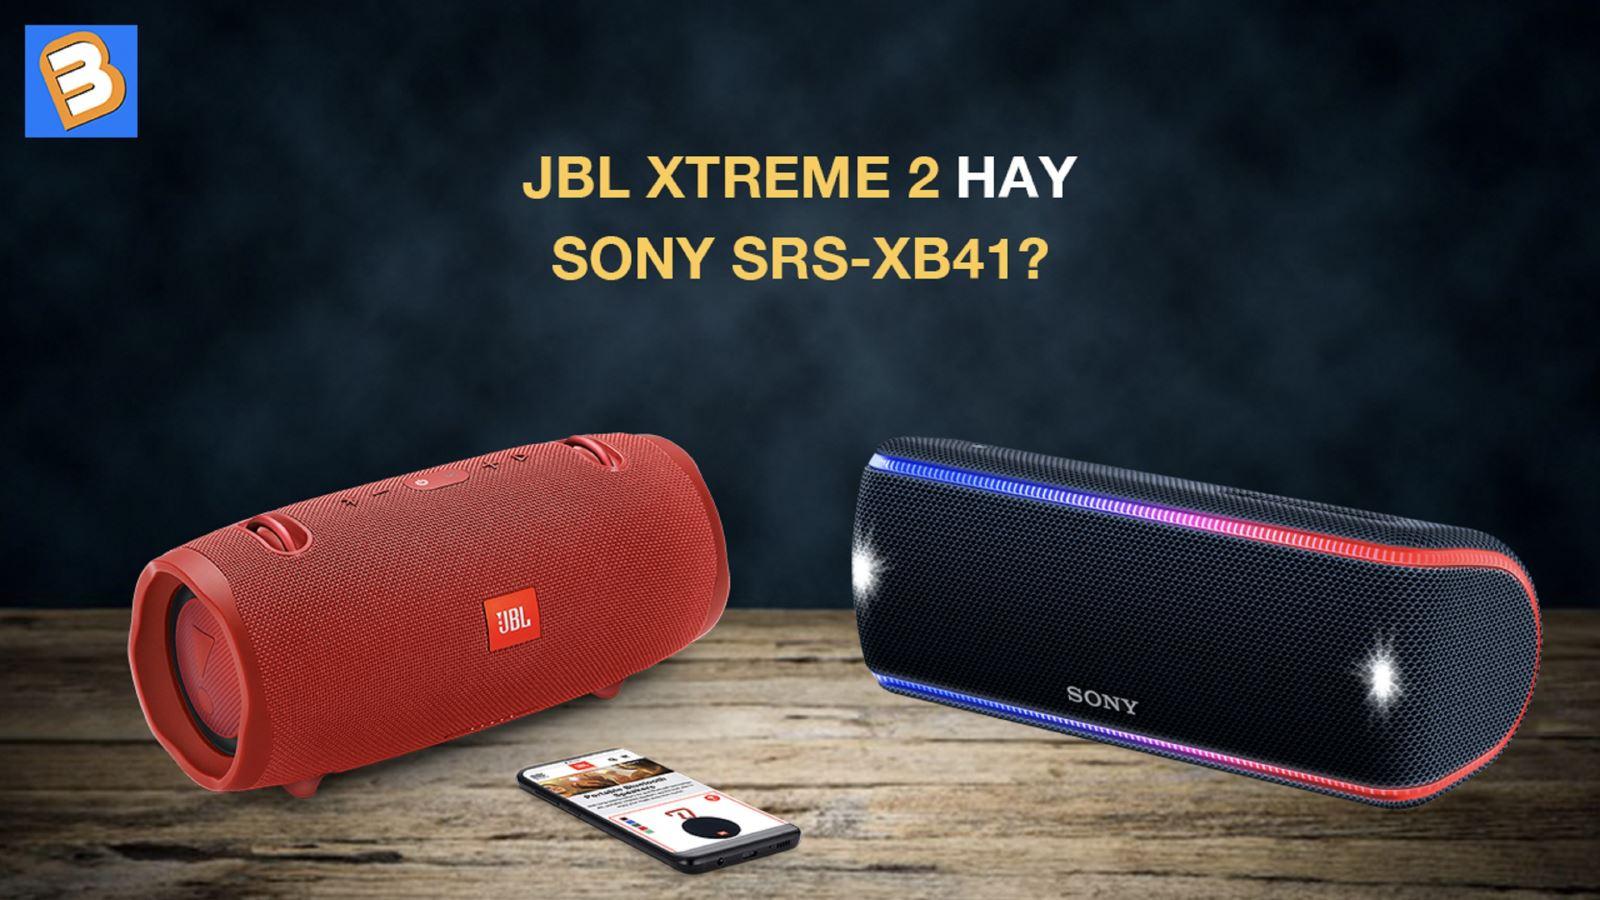 Lựa chọnJBL Xtreme 2 haySony SRS-XB41?